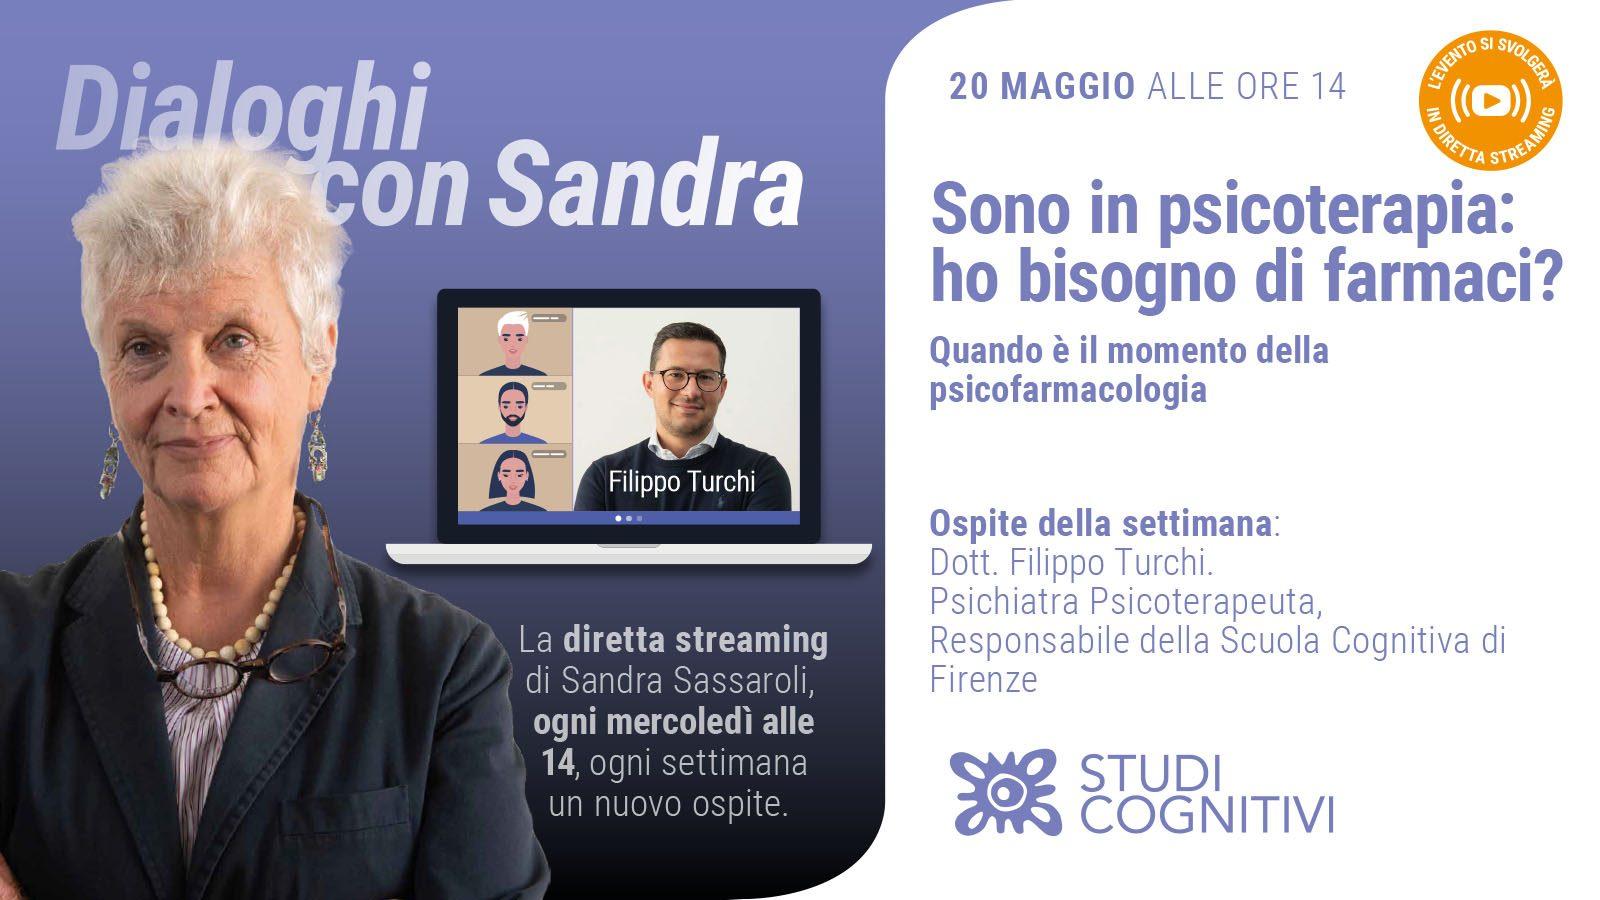 NAZIONALE - Dialoghi con Sandra - 200520 - Banner 1600x900